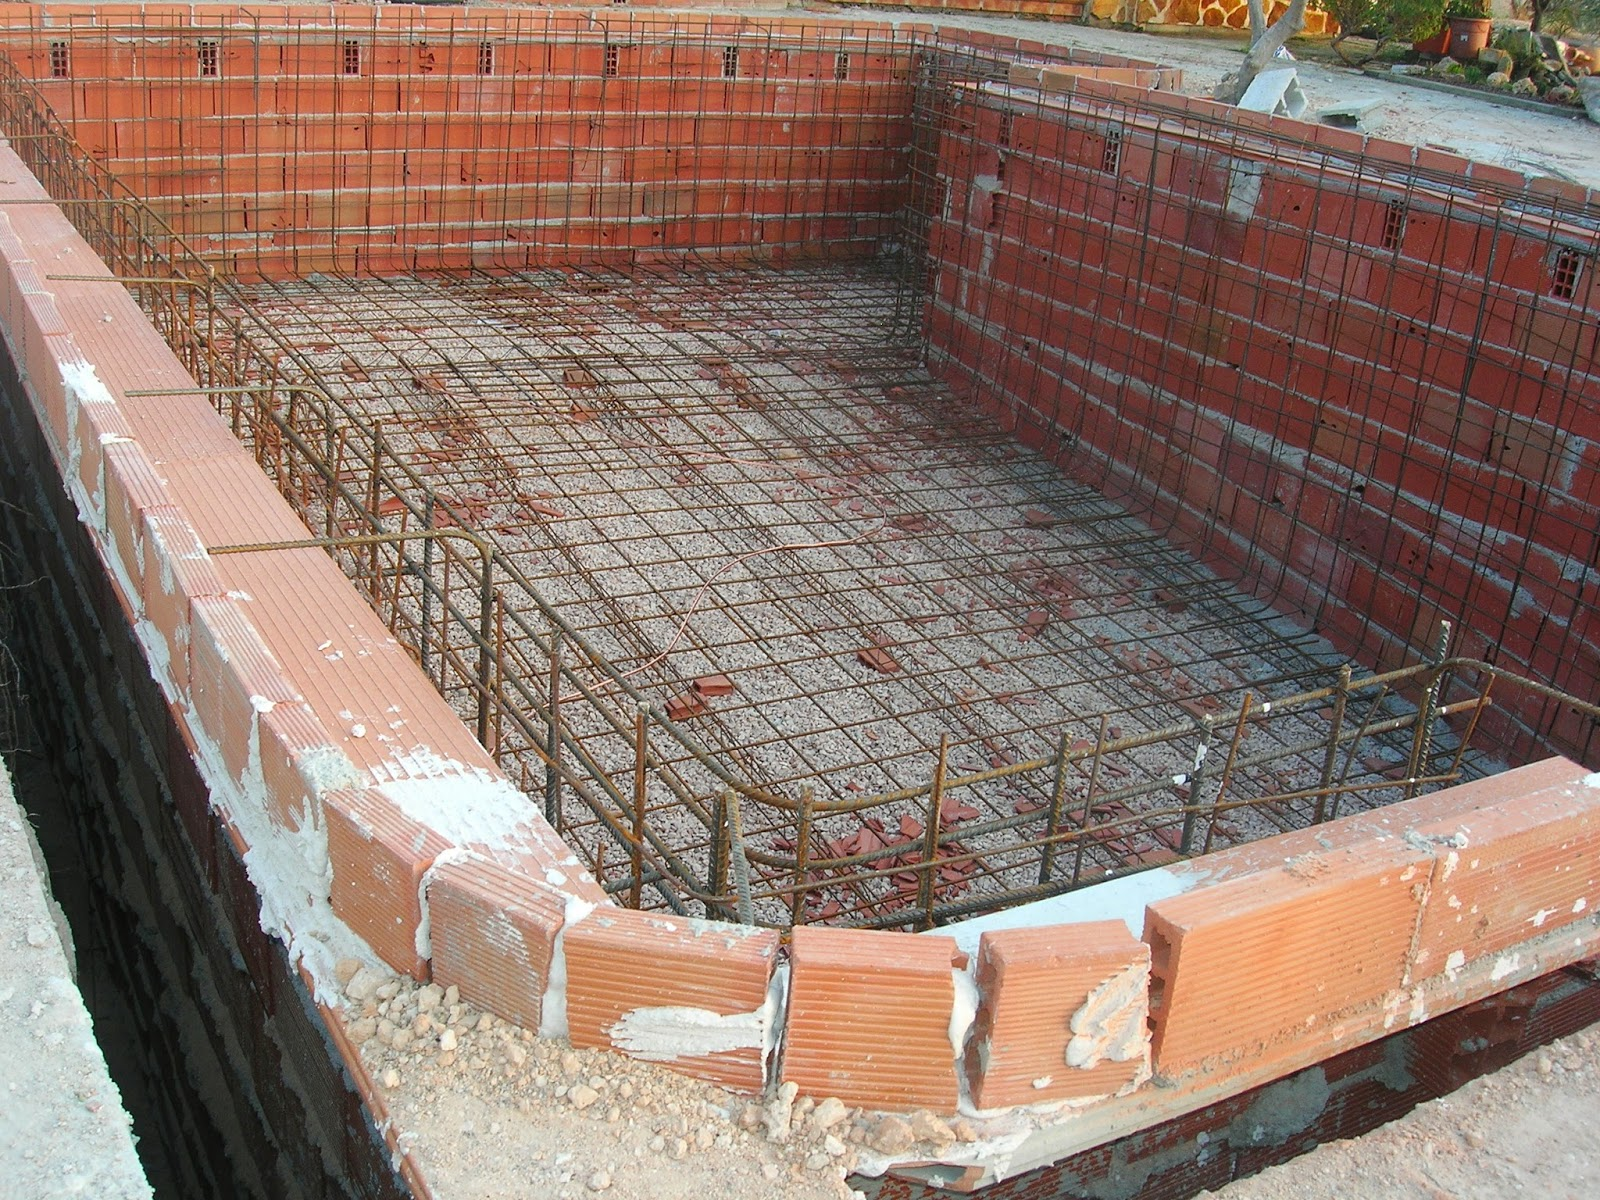 Construide ejecuci n de una piscina proceso y ejemplo for Como se construye una piscina de concreto